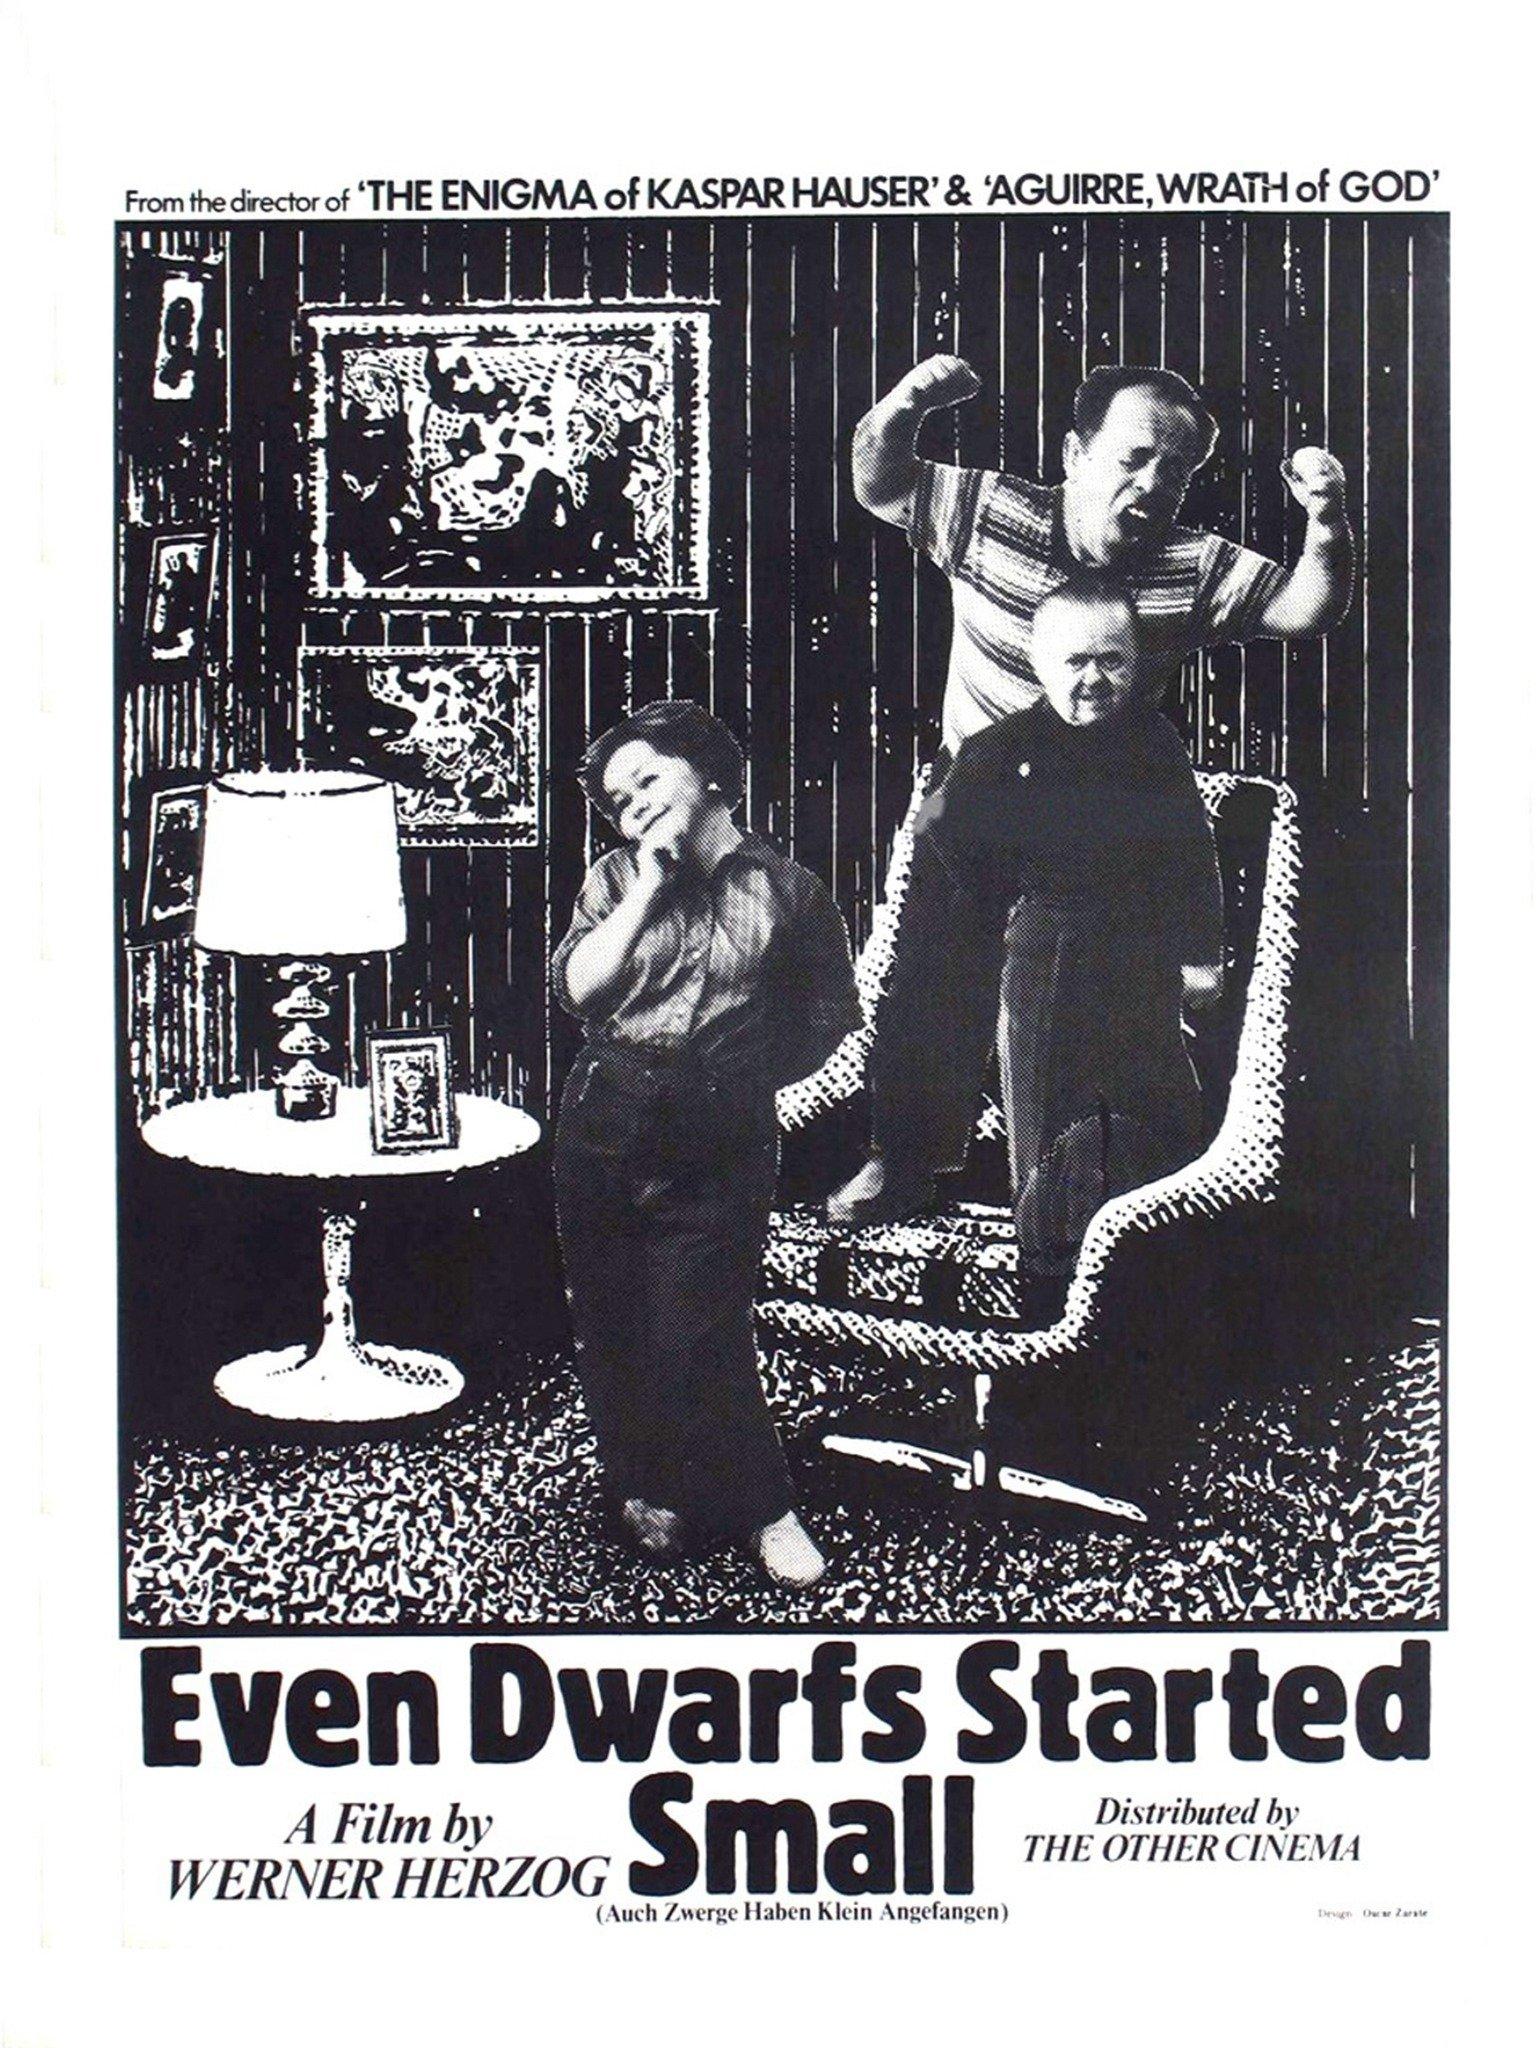 Even Dwarfs Started Small (Auch Zwerge haben klein angefangen)